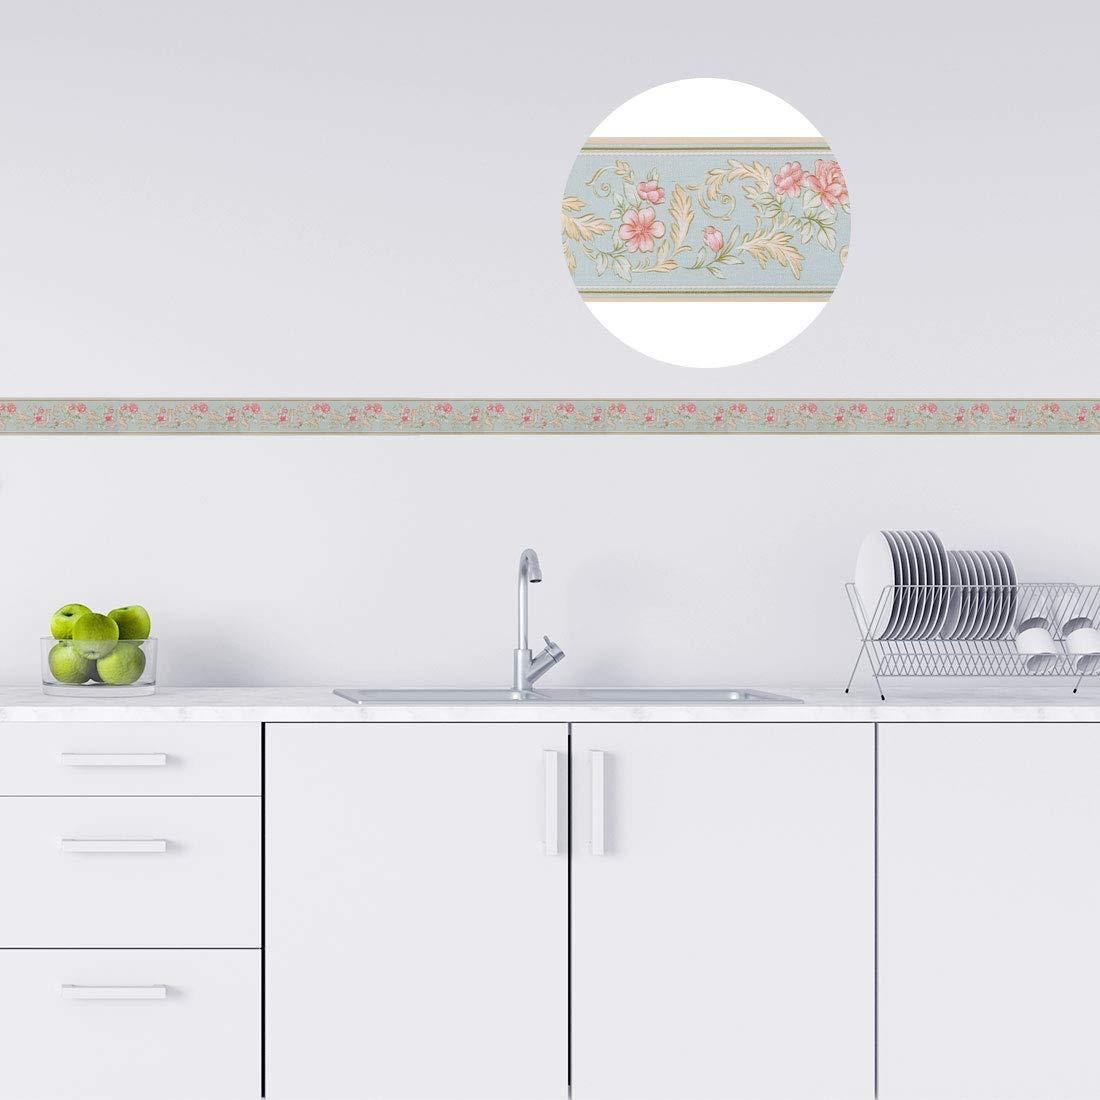 Full Size of Sourcing Map 3d Wand Papier Grenze Selbstklebend Wandbelag Pvc Grifflose Küche Modulküche Holz Bodenbelag Led Deckenleuchte Gardinen Für Die Weiß Matt Küche Wandbelag Küche